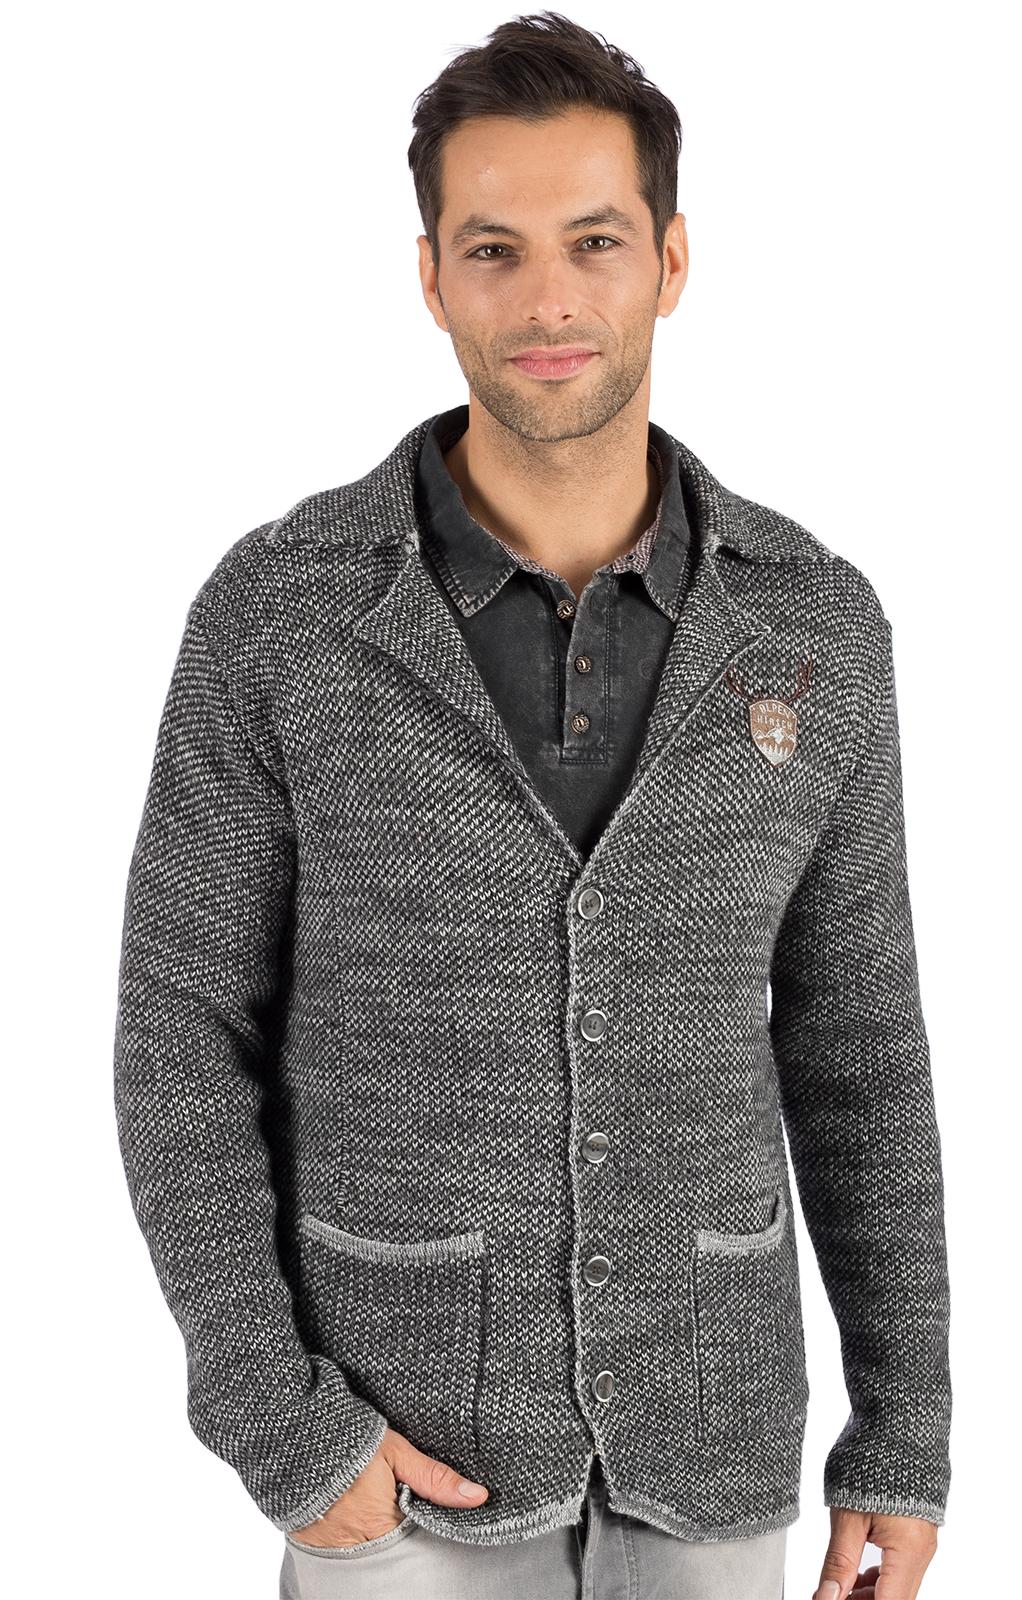 Tradizionale giacca a maglia OLAF grigio von Hangowear